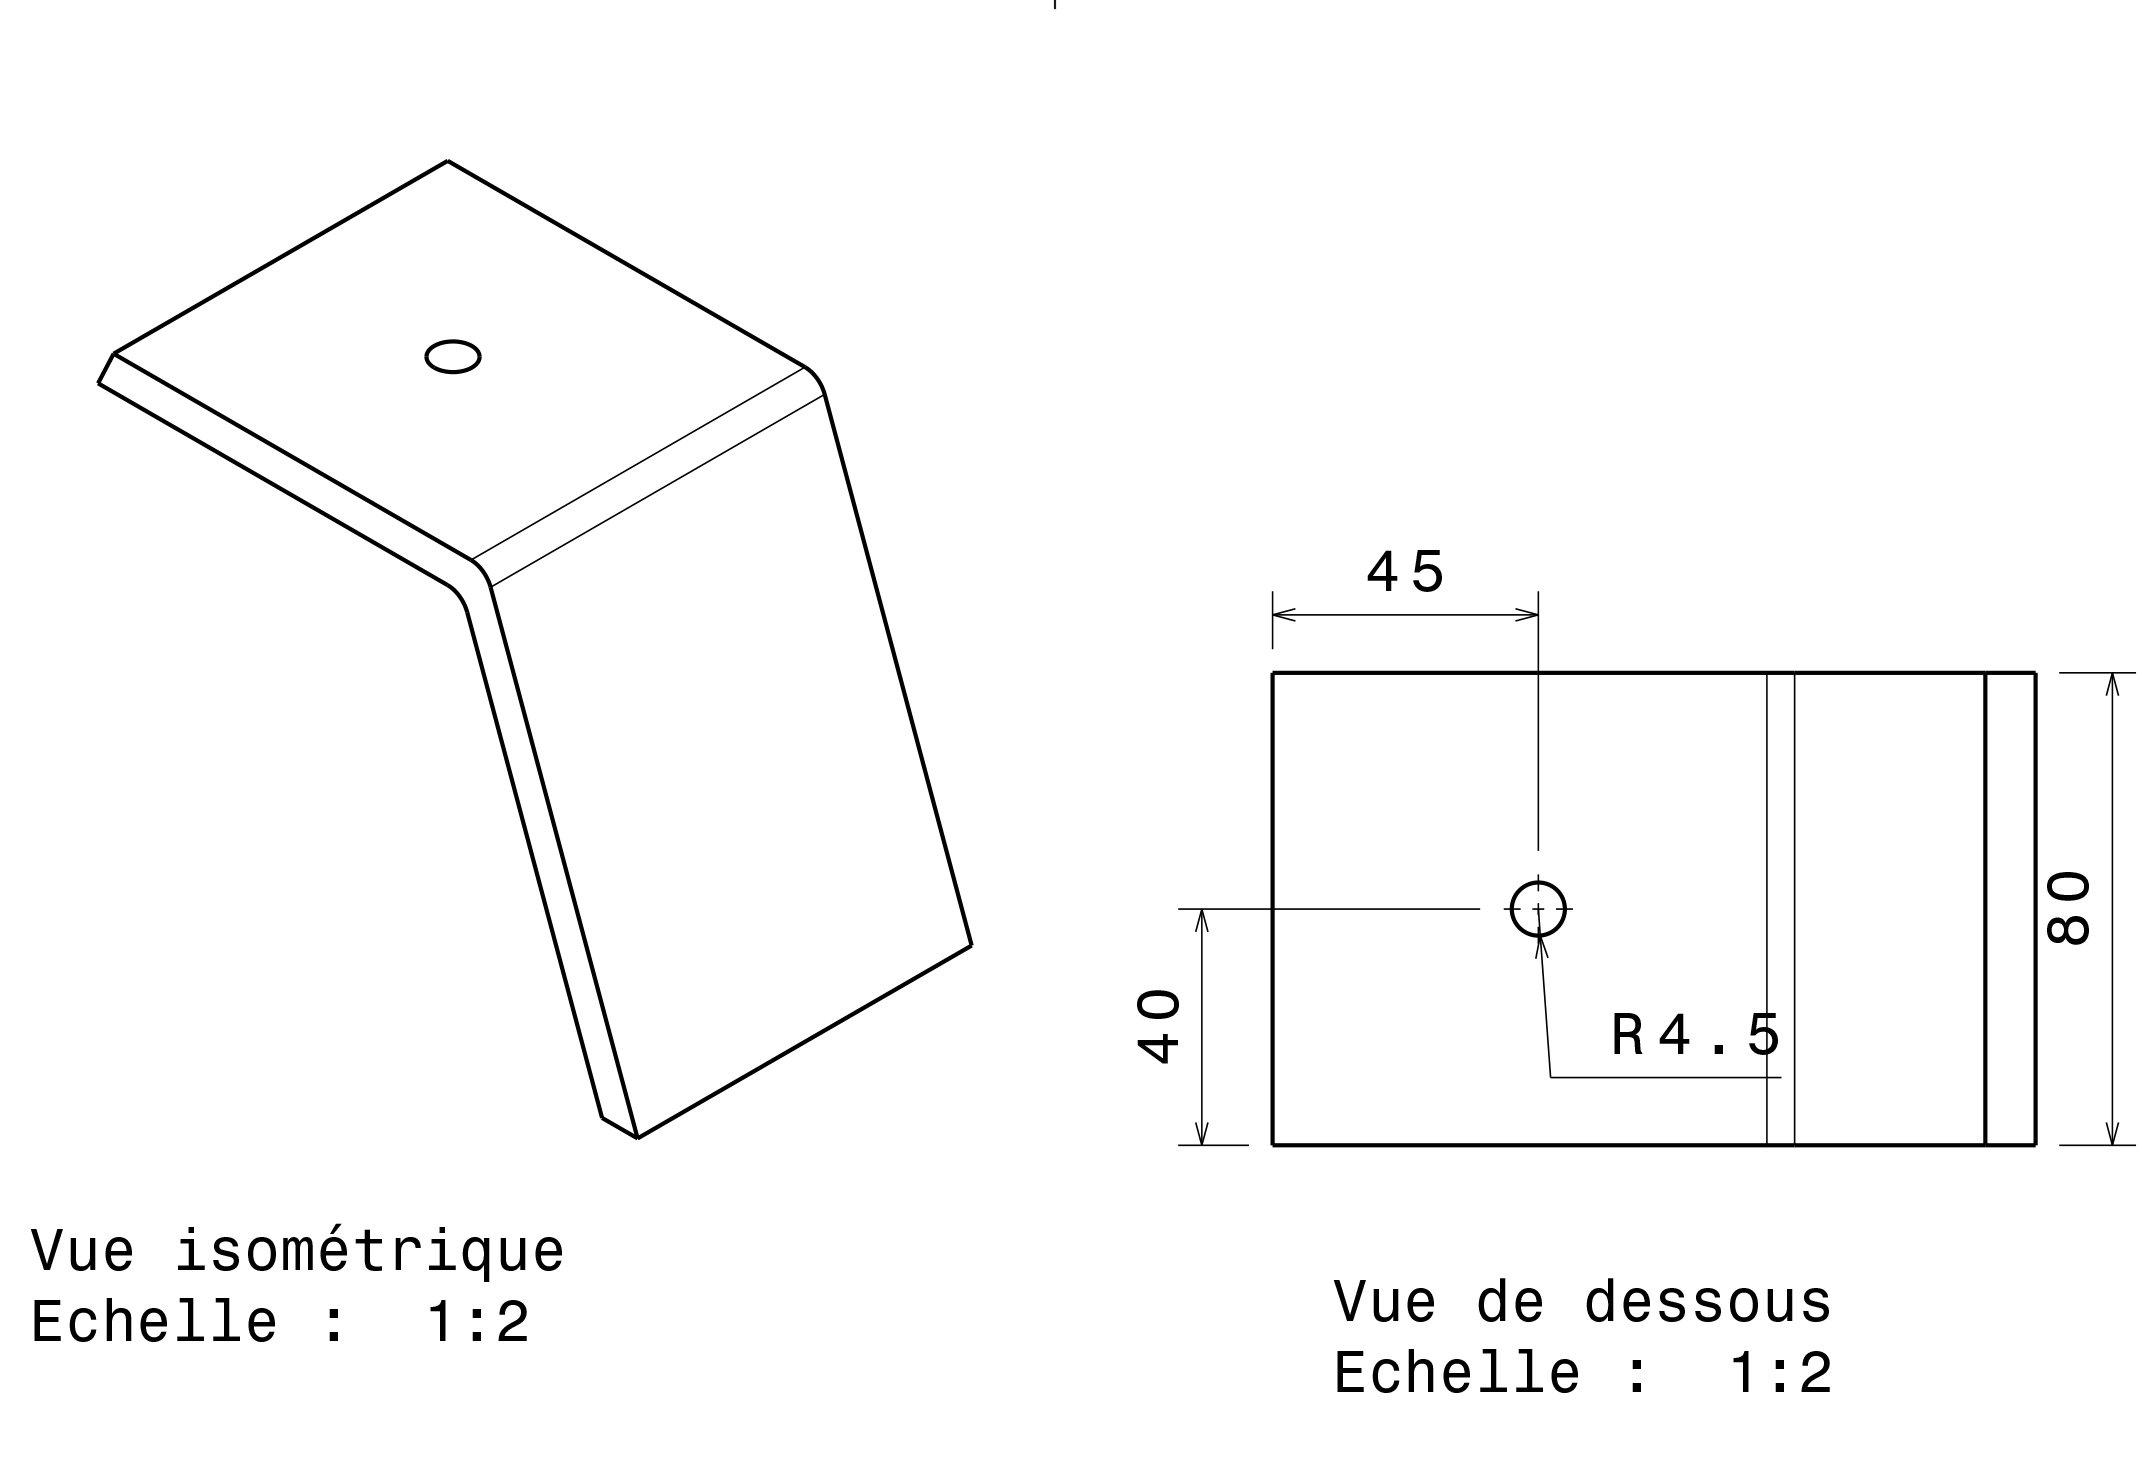 Pied_de_lit_chute_10cm.jpg